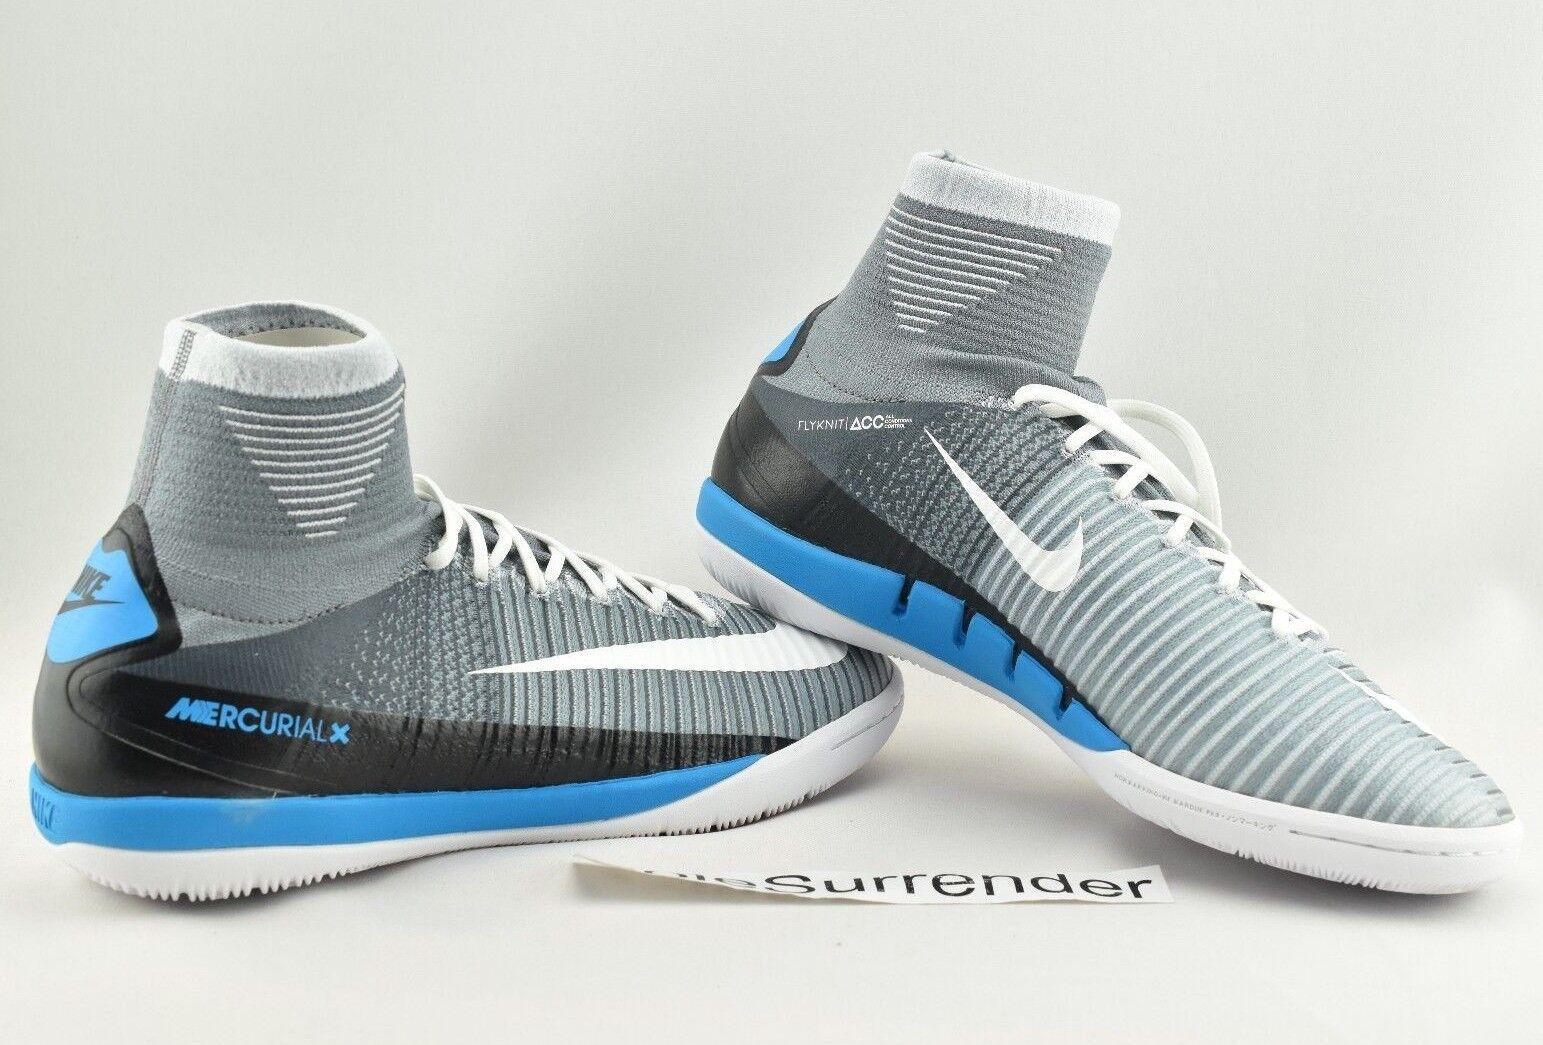 Nike mercurialx proximo ii di ic - 831976-010 scegli dimensione 831976-010 - grigio bianco blu e nero f288f4